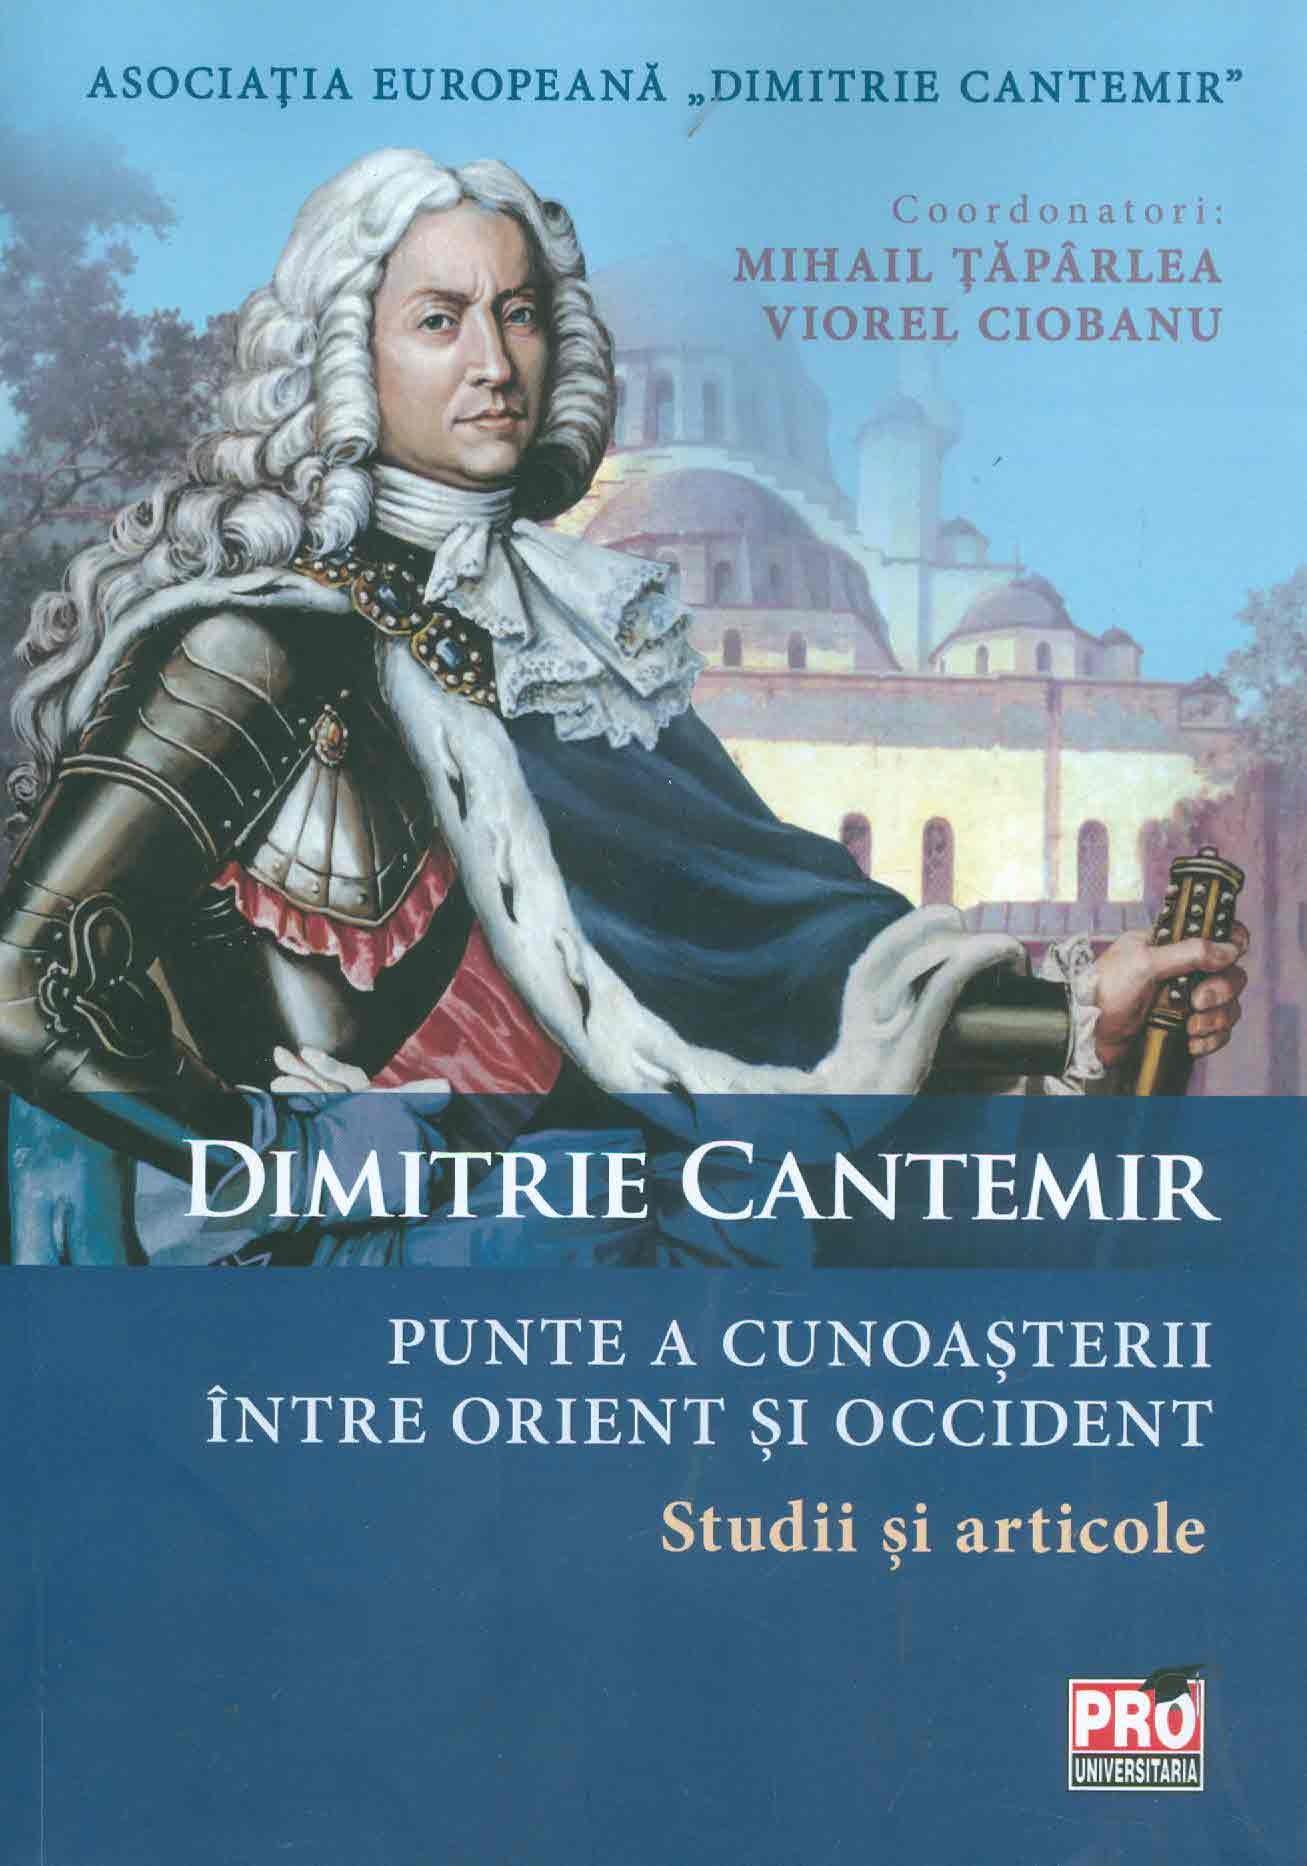 Dimitrie Cantemir - Punte a cunoasterii intre orient si occident